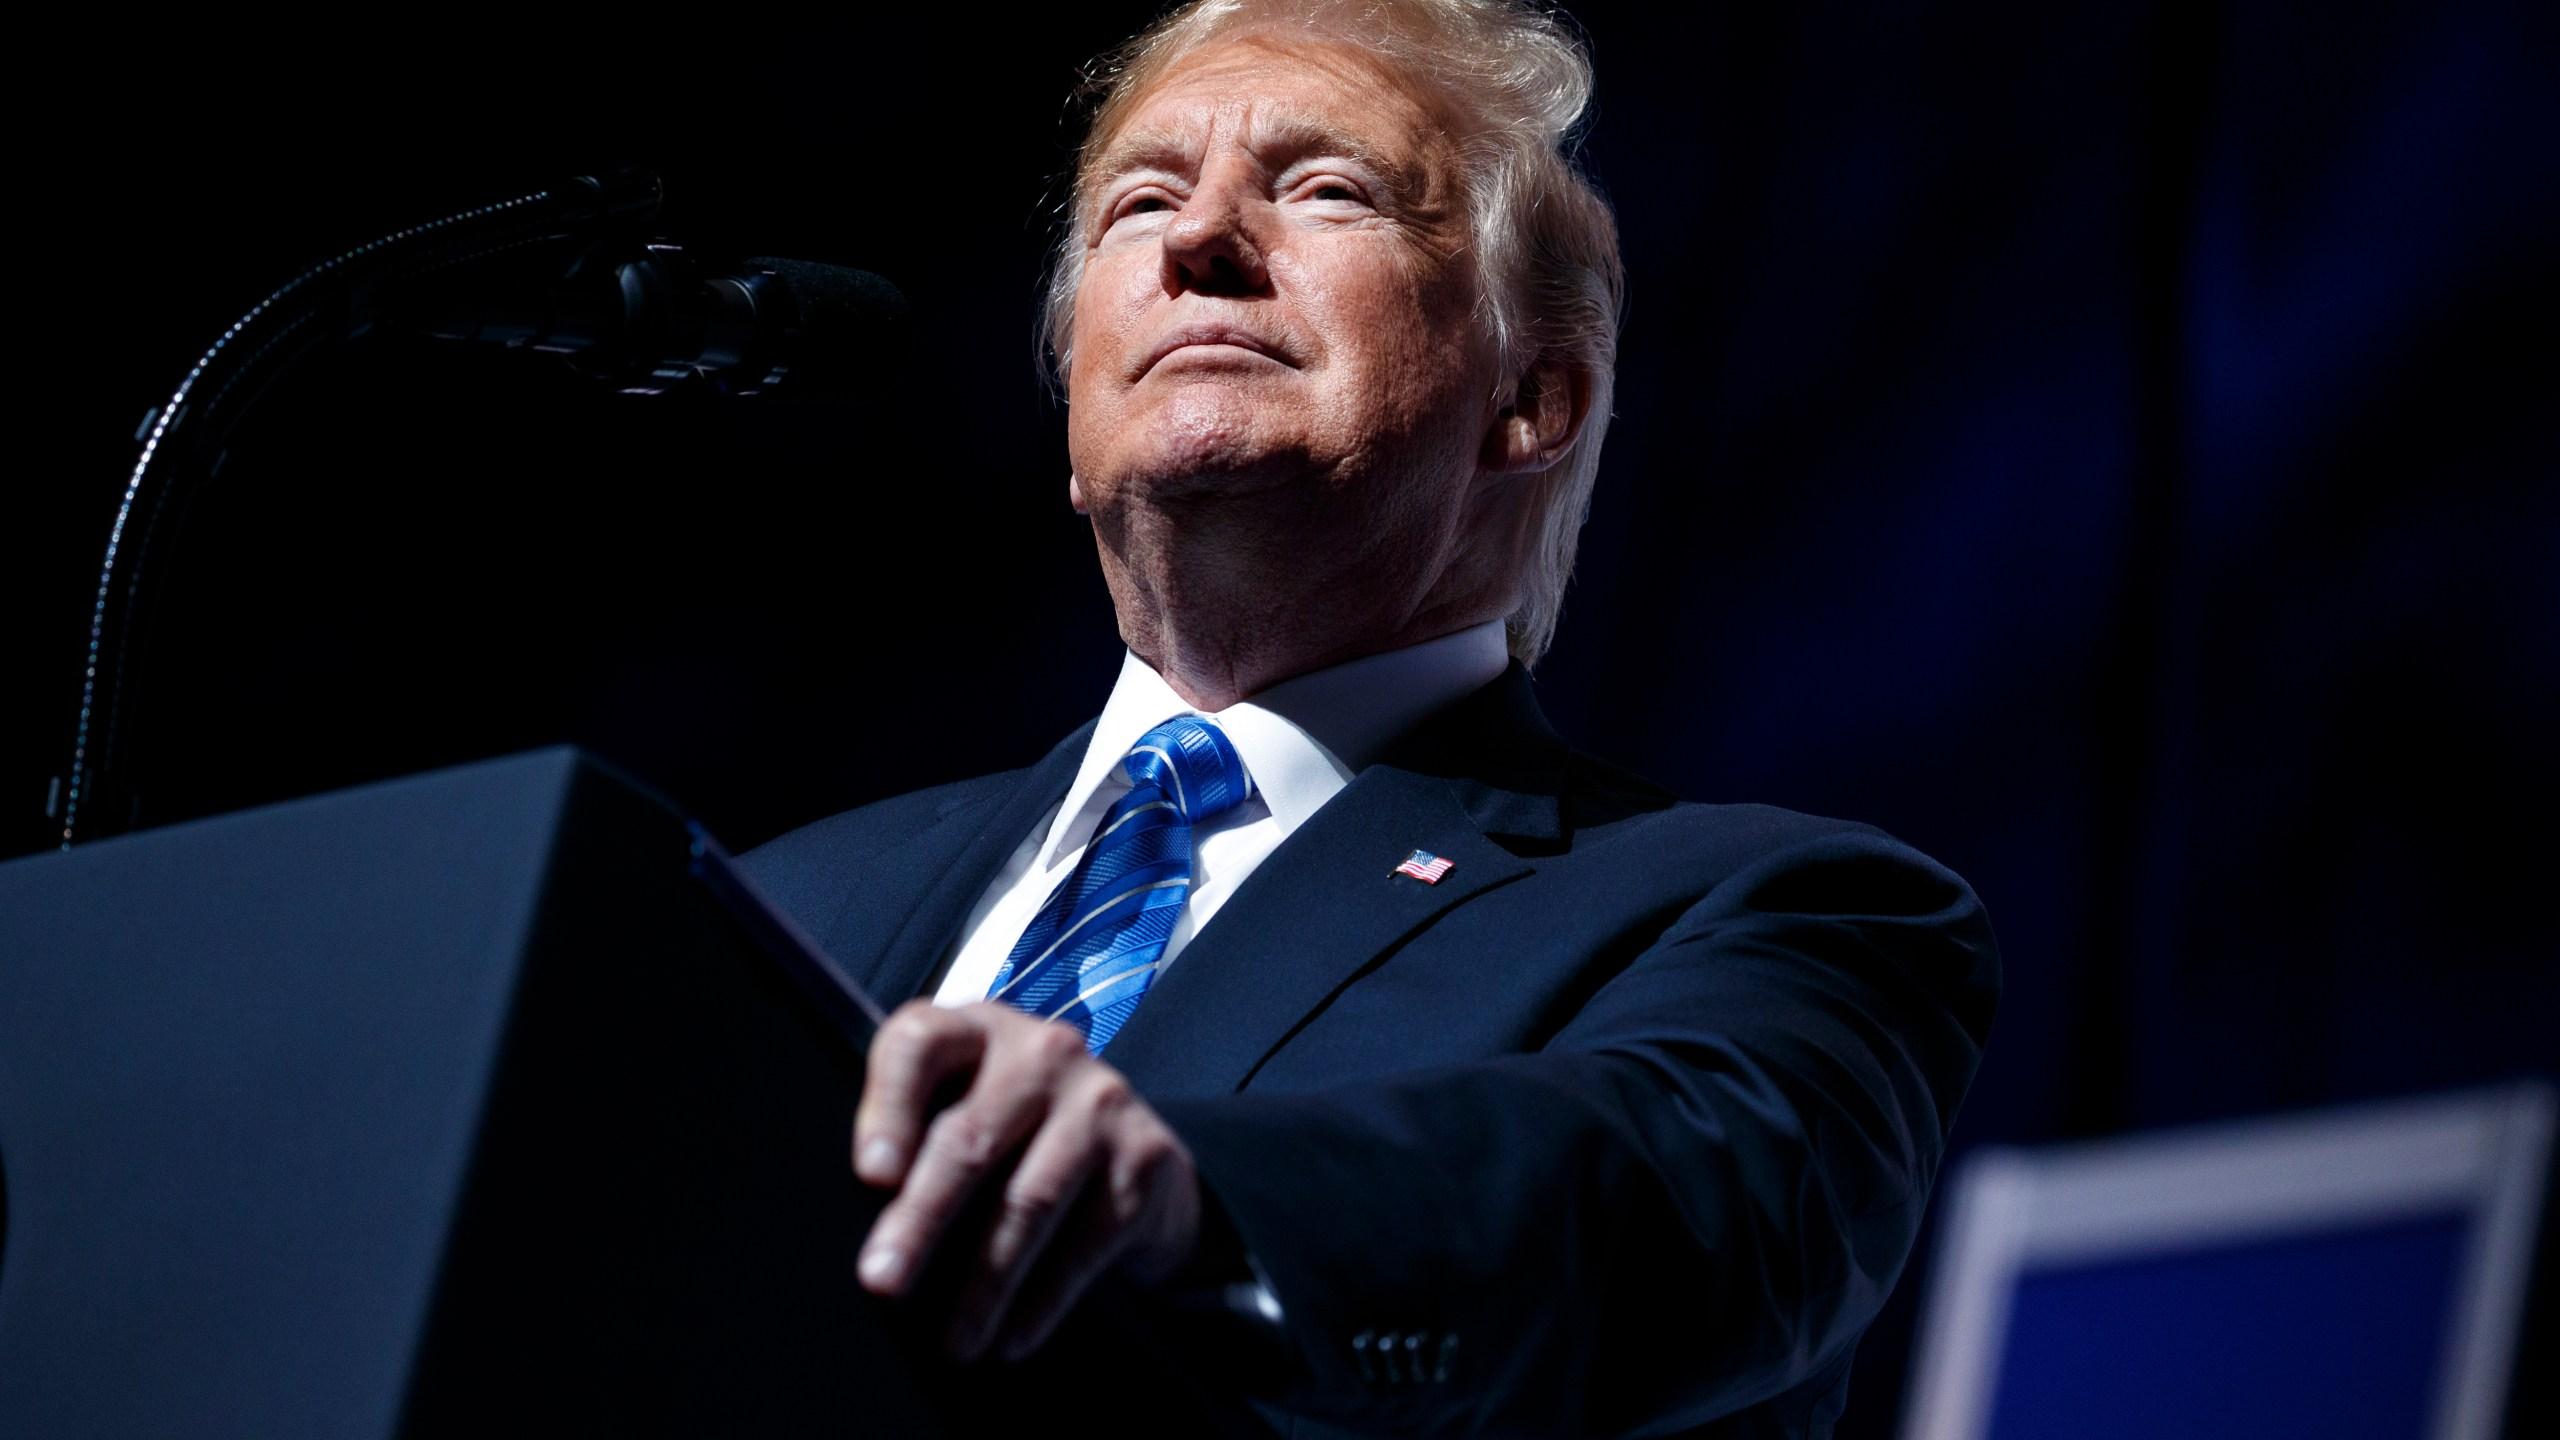 Trump_55660-159532.jpg66248483